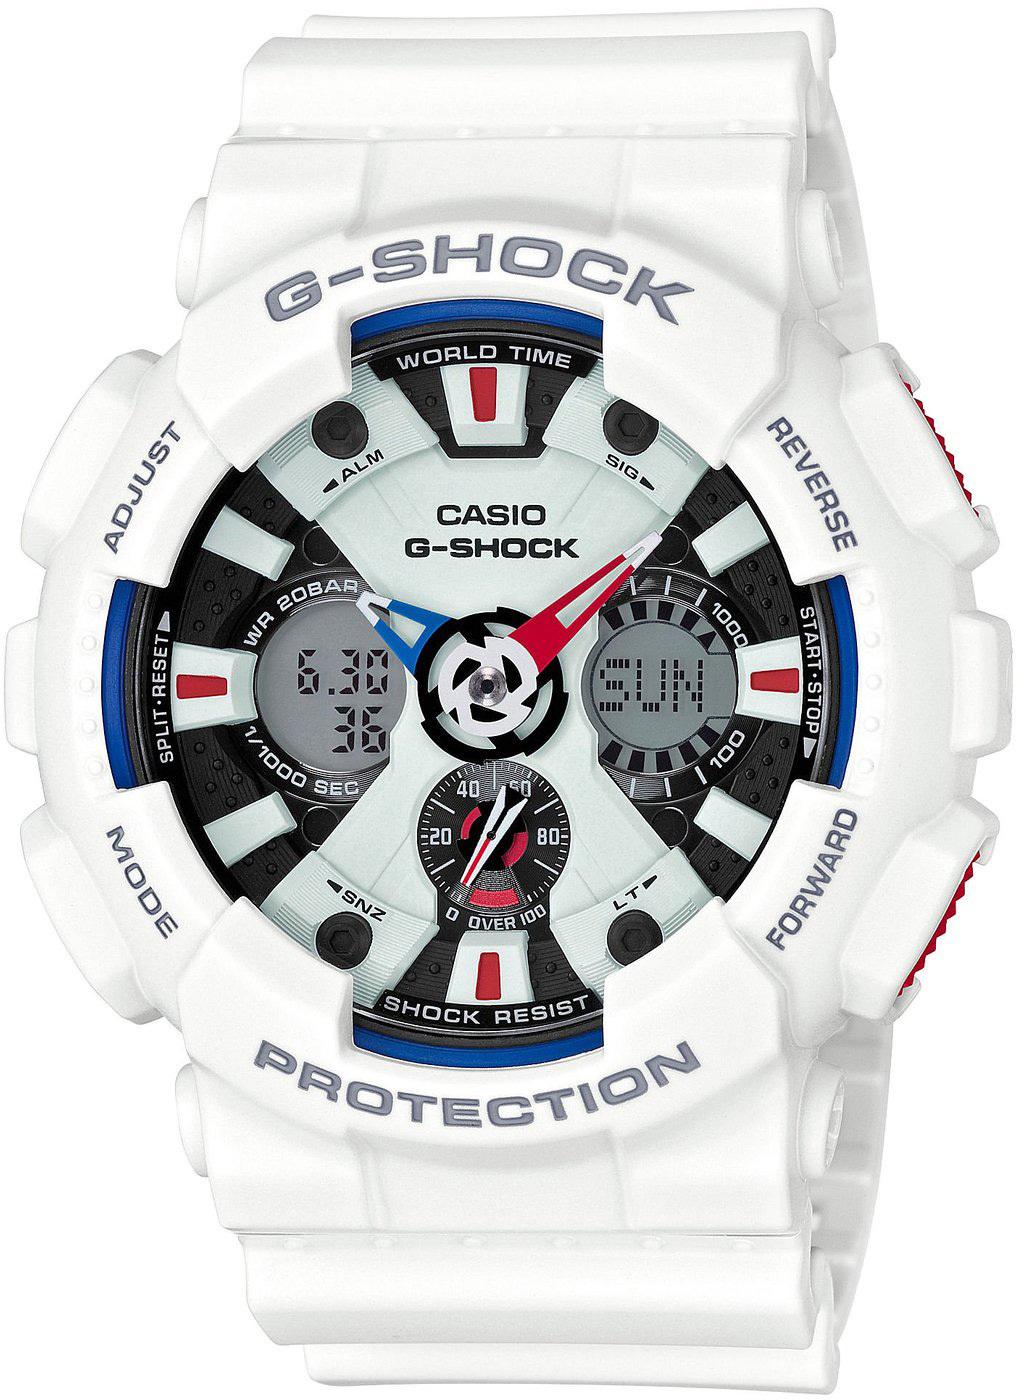 Casio G-SHOCK GA-120TR-7A / GA-120TR-7AER - мужские наручные часыCasio<br><br><br>Бренд: Casio<br>Модель: Casio GA-120TR-7A<br>Артикул: GA-120TR-7A<br>Вариант артикула: GA-120TR-7AER<br>Коллекция: G-SHOCK<br>Подколлекция: None<br>Страна: Япония<br>Пол: мужские<br>Тип механизма: кварцевые<br>Механизм: None<br>Количество камней: None<br>Автоподзавод: None<br>Источник энергии: от батарейки<br>Срок службы элемента питания: None<br>Дисплей: стрелки + цифры<br>Цифры: отсутствуют<br>Водозащита: WR 200<br>Противоударные: есть<br>Материал корпуса: пластик<br>Материал браслета: каучук<br>Материал безеля: None<br>Стекло: минеральное<br>Антибликовое покрытие: None<br>Цвет корпуса: None<br>Цвет браслета: None<br>Цвет циферблата: None<br>Цвет безеля: None<br>Размеры: 51.2x55x16.9 мм<br>Диаметр: None<br>Диаметр корпуса: None<br>Толщина: None<br>Ширина ремешка: None<br>Вес: 73 г<br>Спорт-функции: секундомер, таймер обратного отсчета<br>Подсветка: дисплея, стрелок<br>Вставка: None<br>Отображение даты: вечный календарь, число, месяц, день недели<br>Хронограф: None<br>Таймер: None<br>Термометр: None<br>Хронометр: None<br>GPS: None<br>Радиосинхронизация: None<br>Барометр: None<br>Скелетон: None<br>Дополнительная информация: функция антимагнит, автоподсветка, ежечасный сигнал, повтор сигнала будильника, элемент питания CR1220, срок службы батарейки 3 года<br>Дополнительные функции: второй часовой пояс, будильник (количество установок: 5)